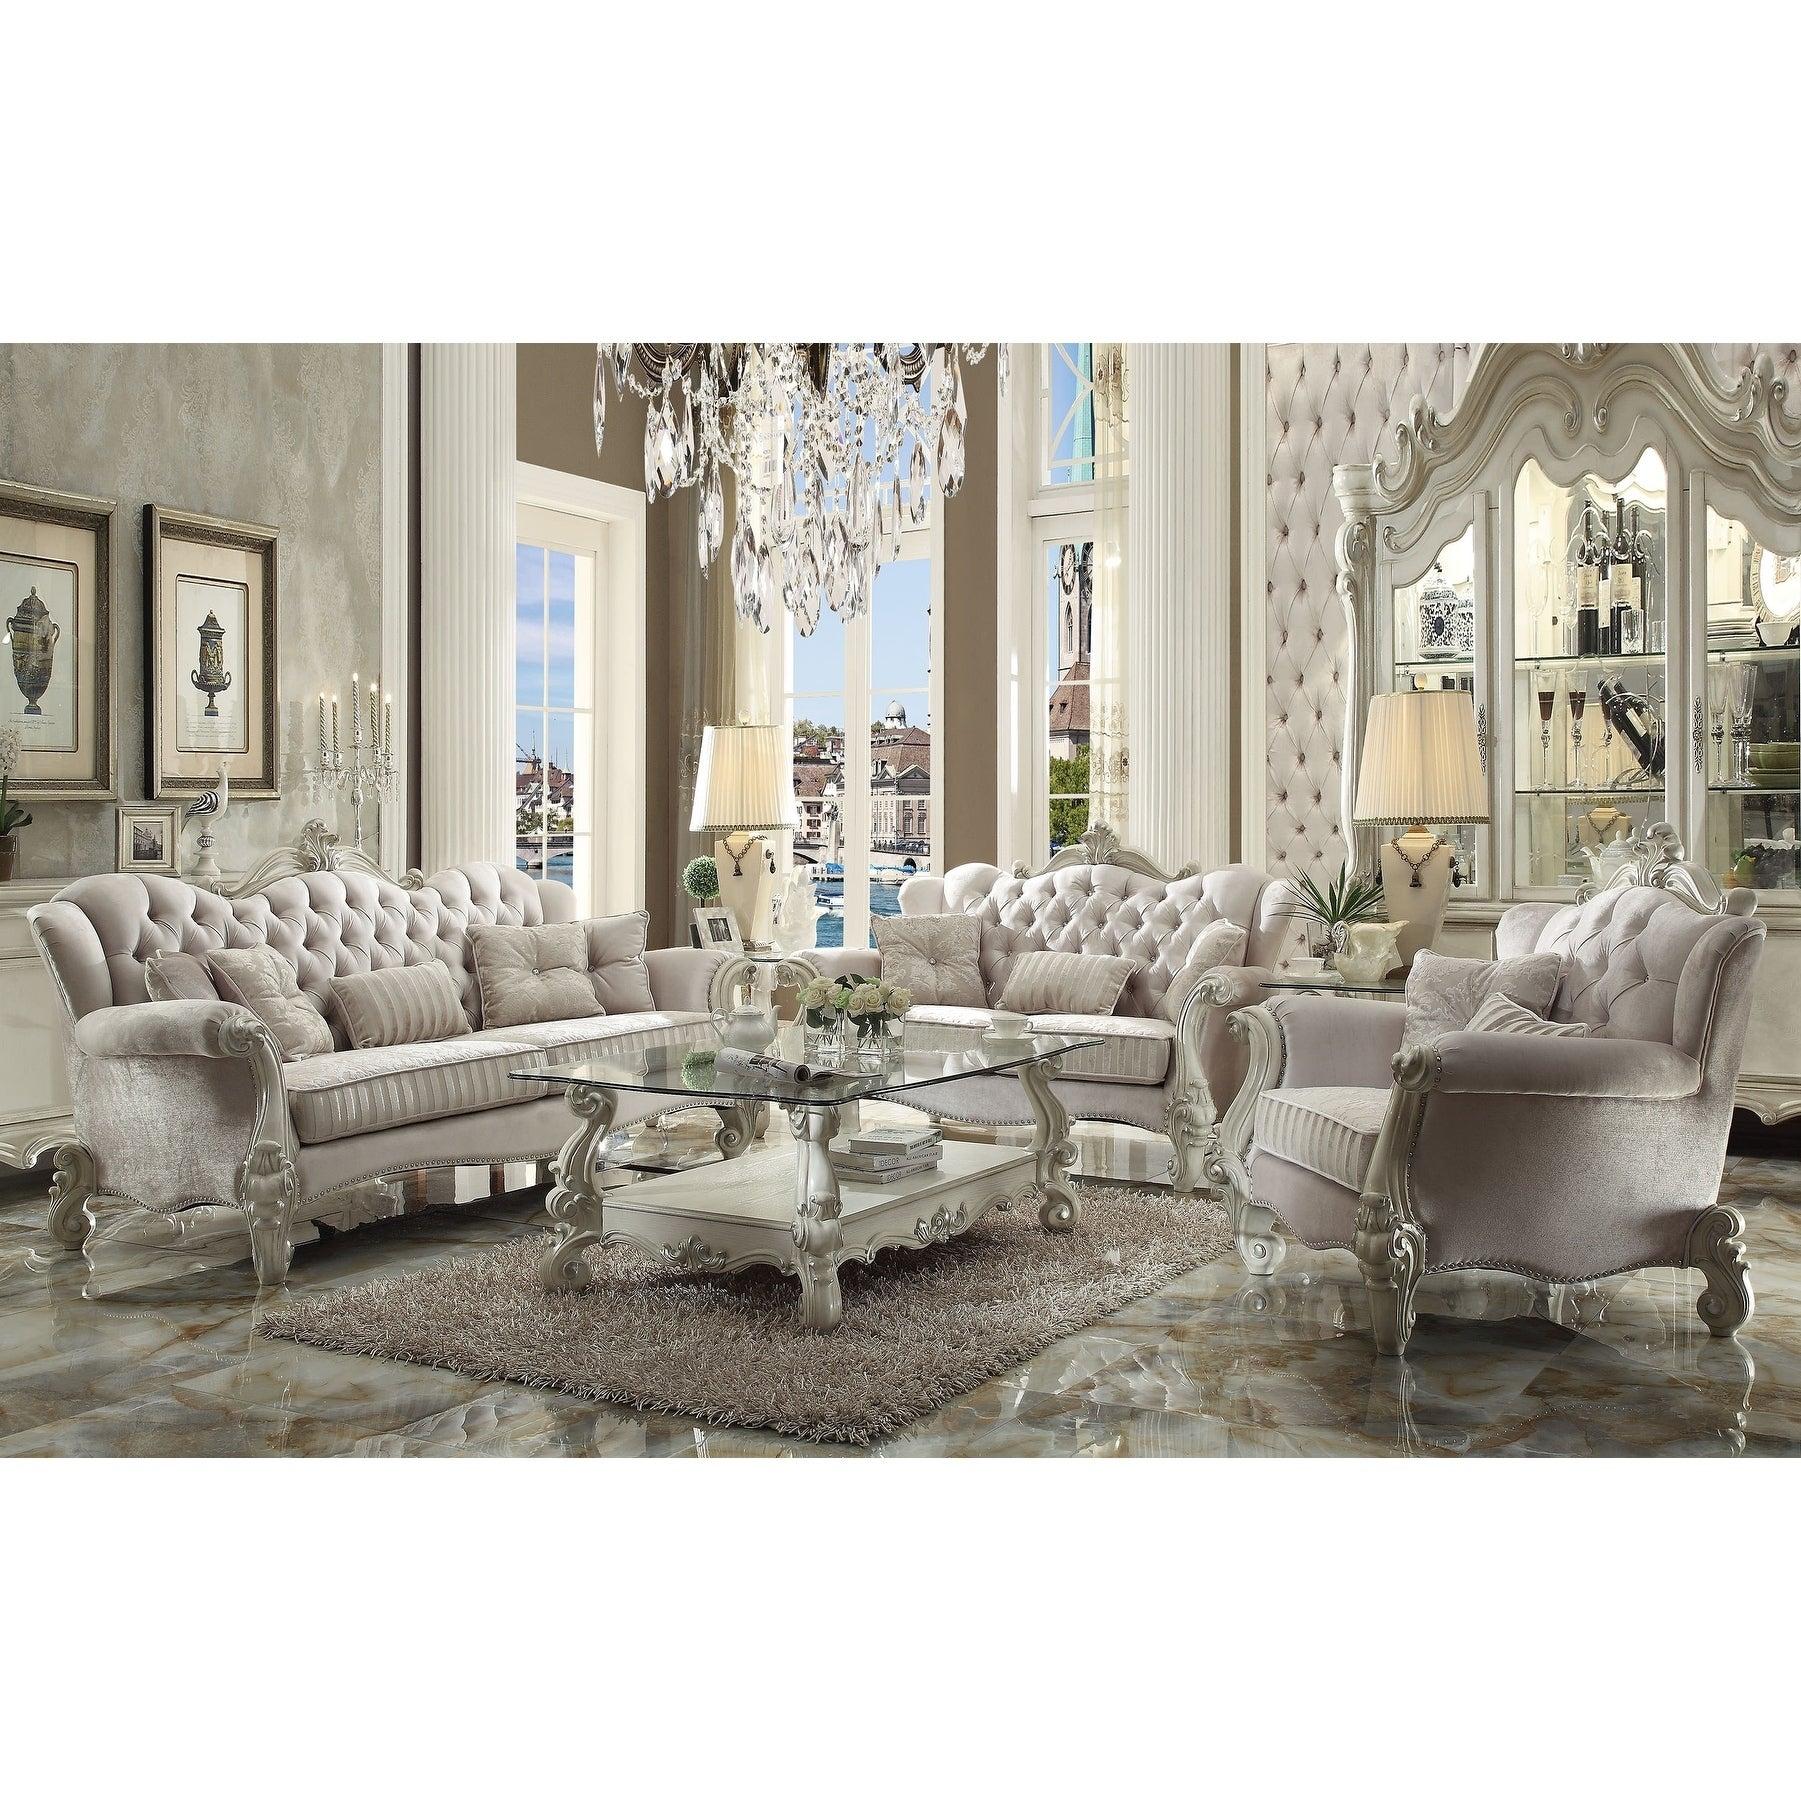 Acme Versailles Sofa W 5 Pillows Ivory Velvet Bone White Free Shipping Today 21620179